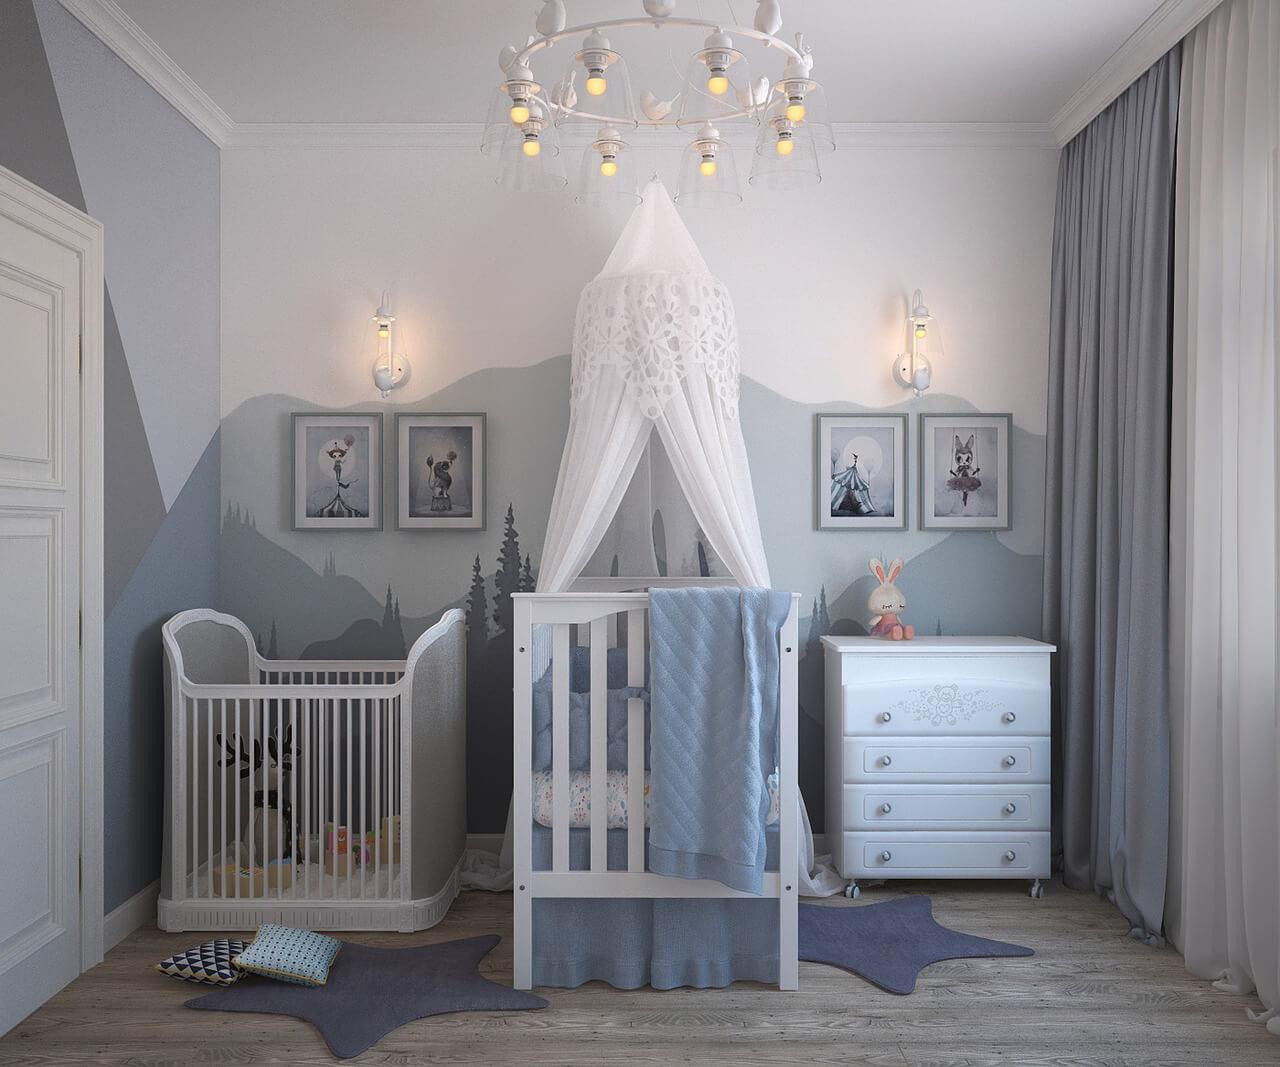 Habitación infantil con cuna y varios muebles y cuadros en tonos grises.